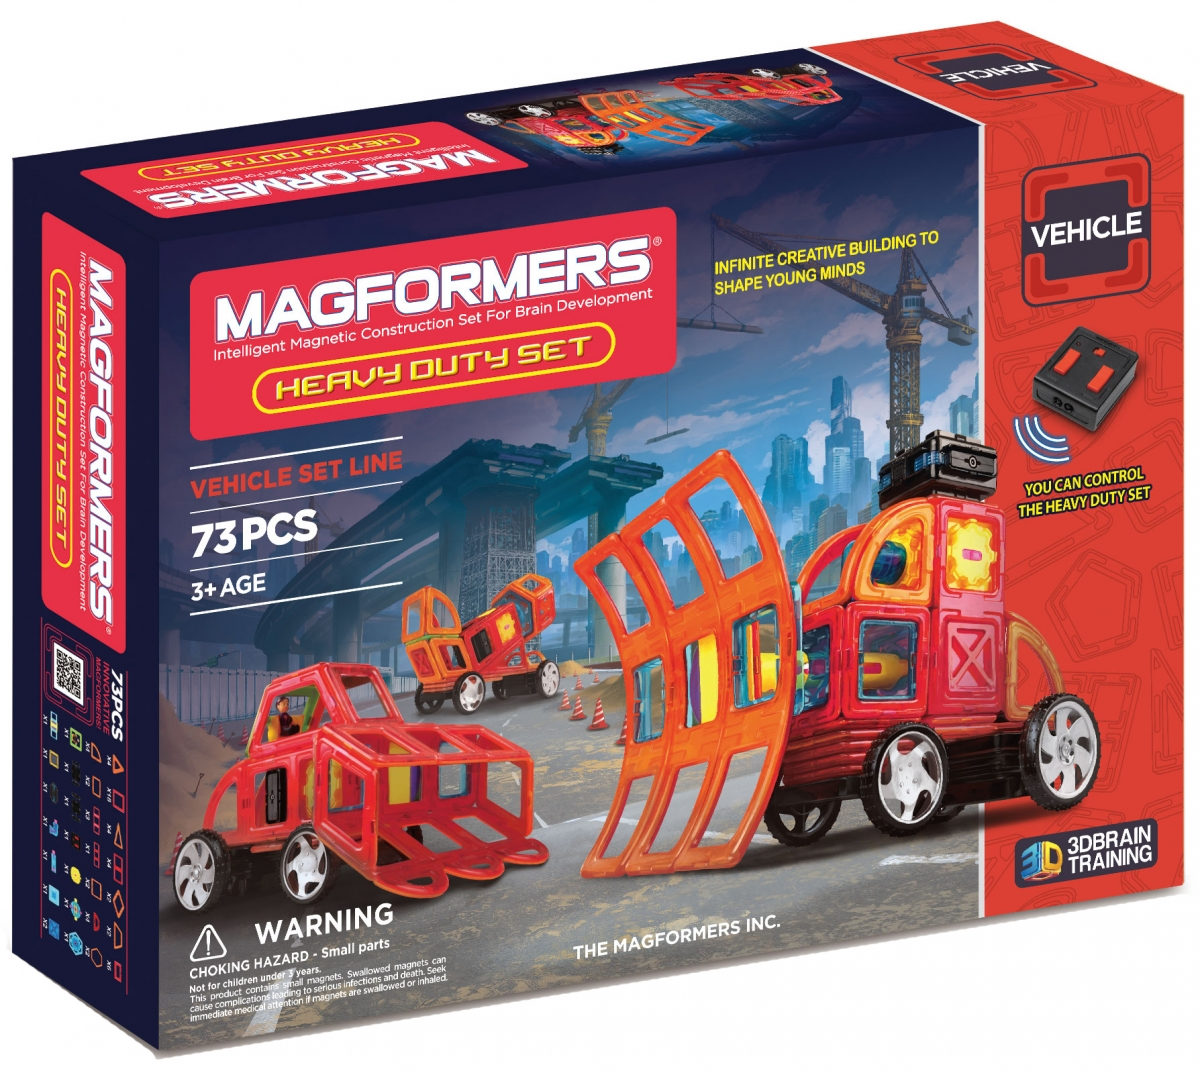 Конструктор Magformers 707007 (63139) Heavy Duty Set с пультом управления (73 детали)